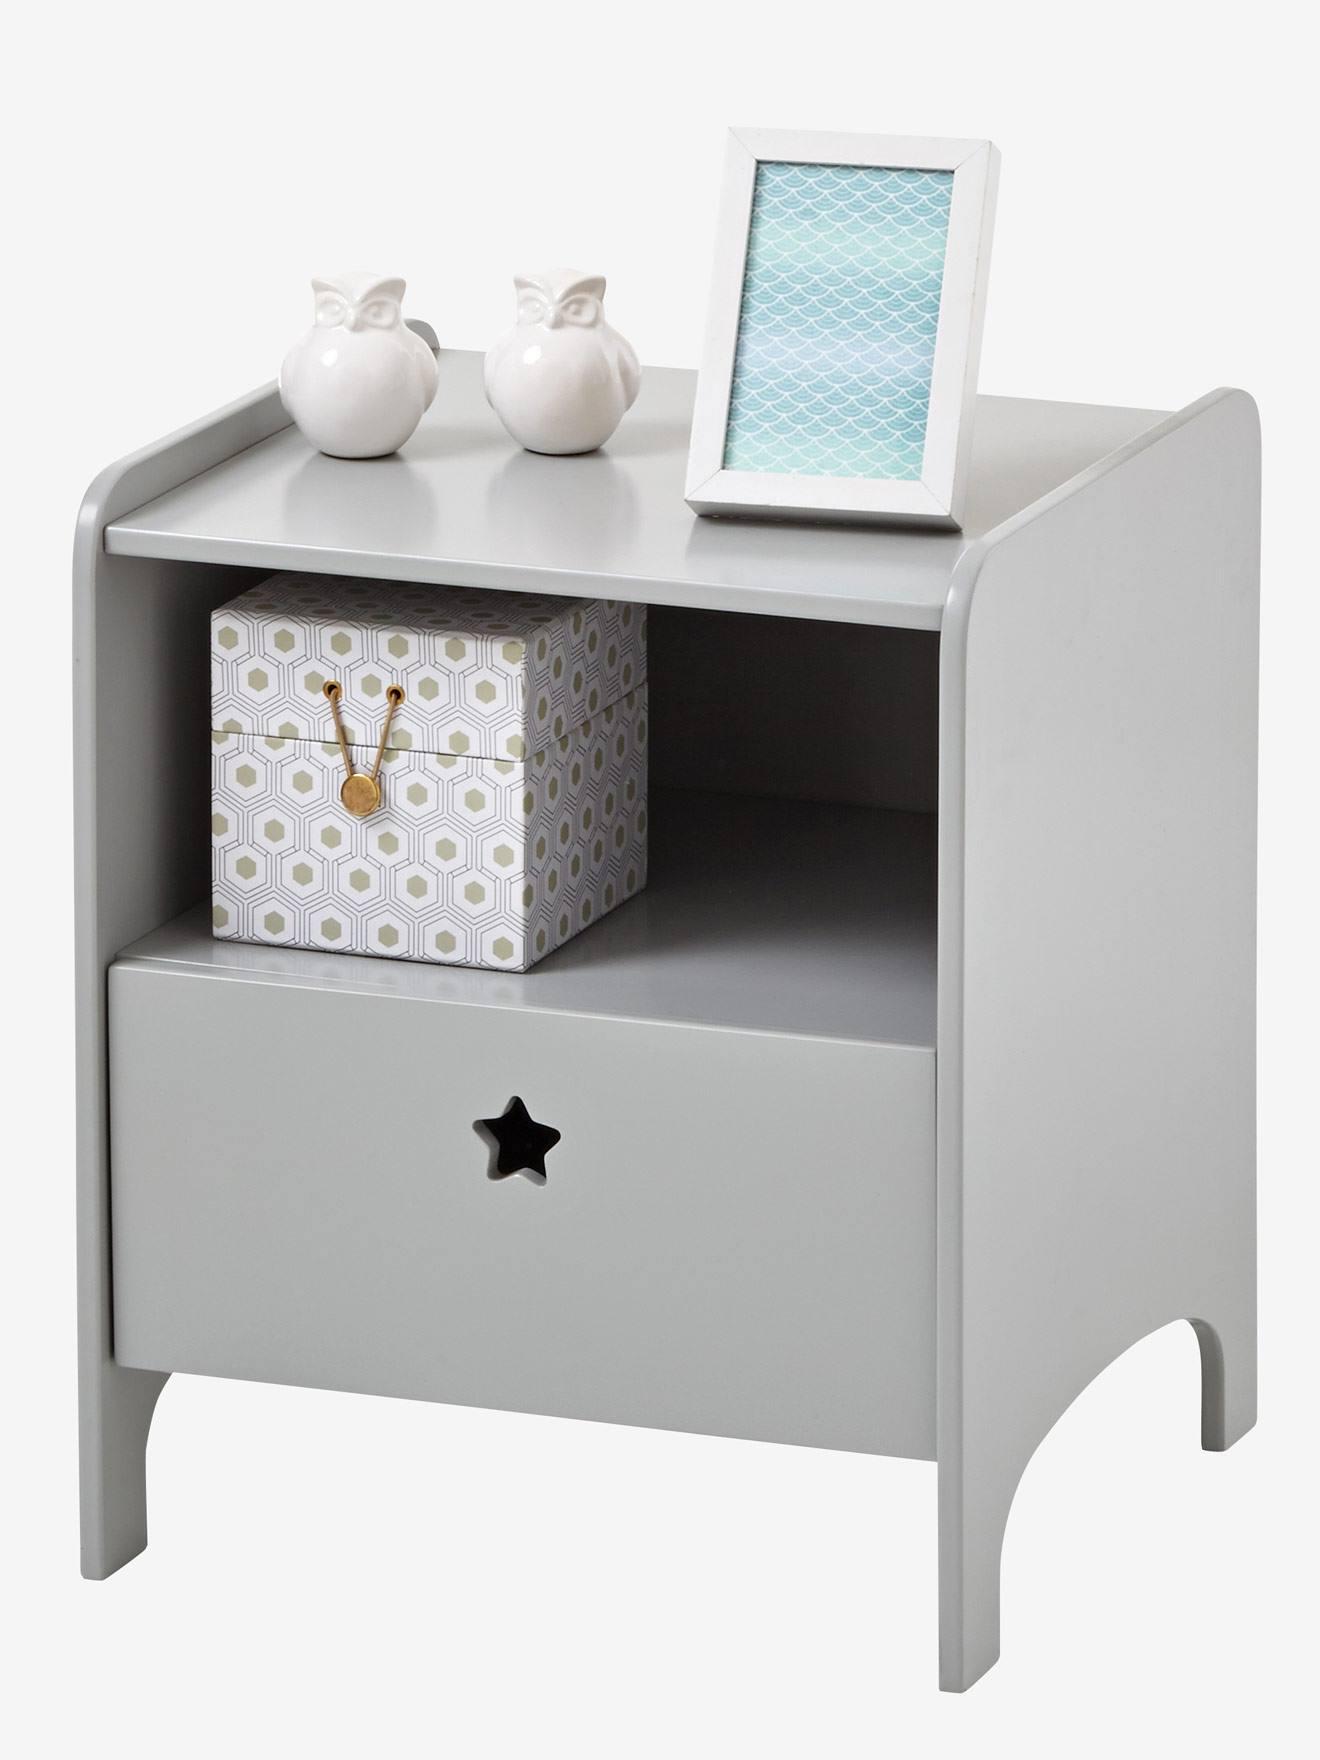 table de chevet pour lit superpos cheap blanche resine table de chevet pour lit mezzanine. Black Bedroom Furniture Sets. Home Design Ideas